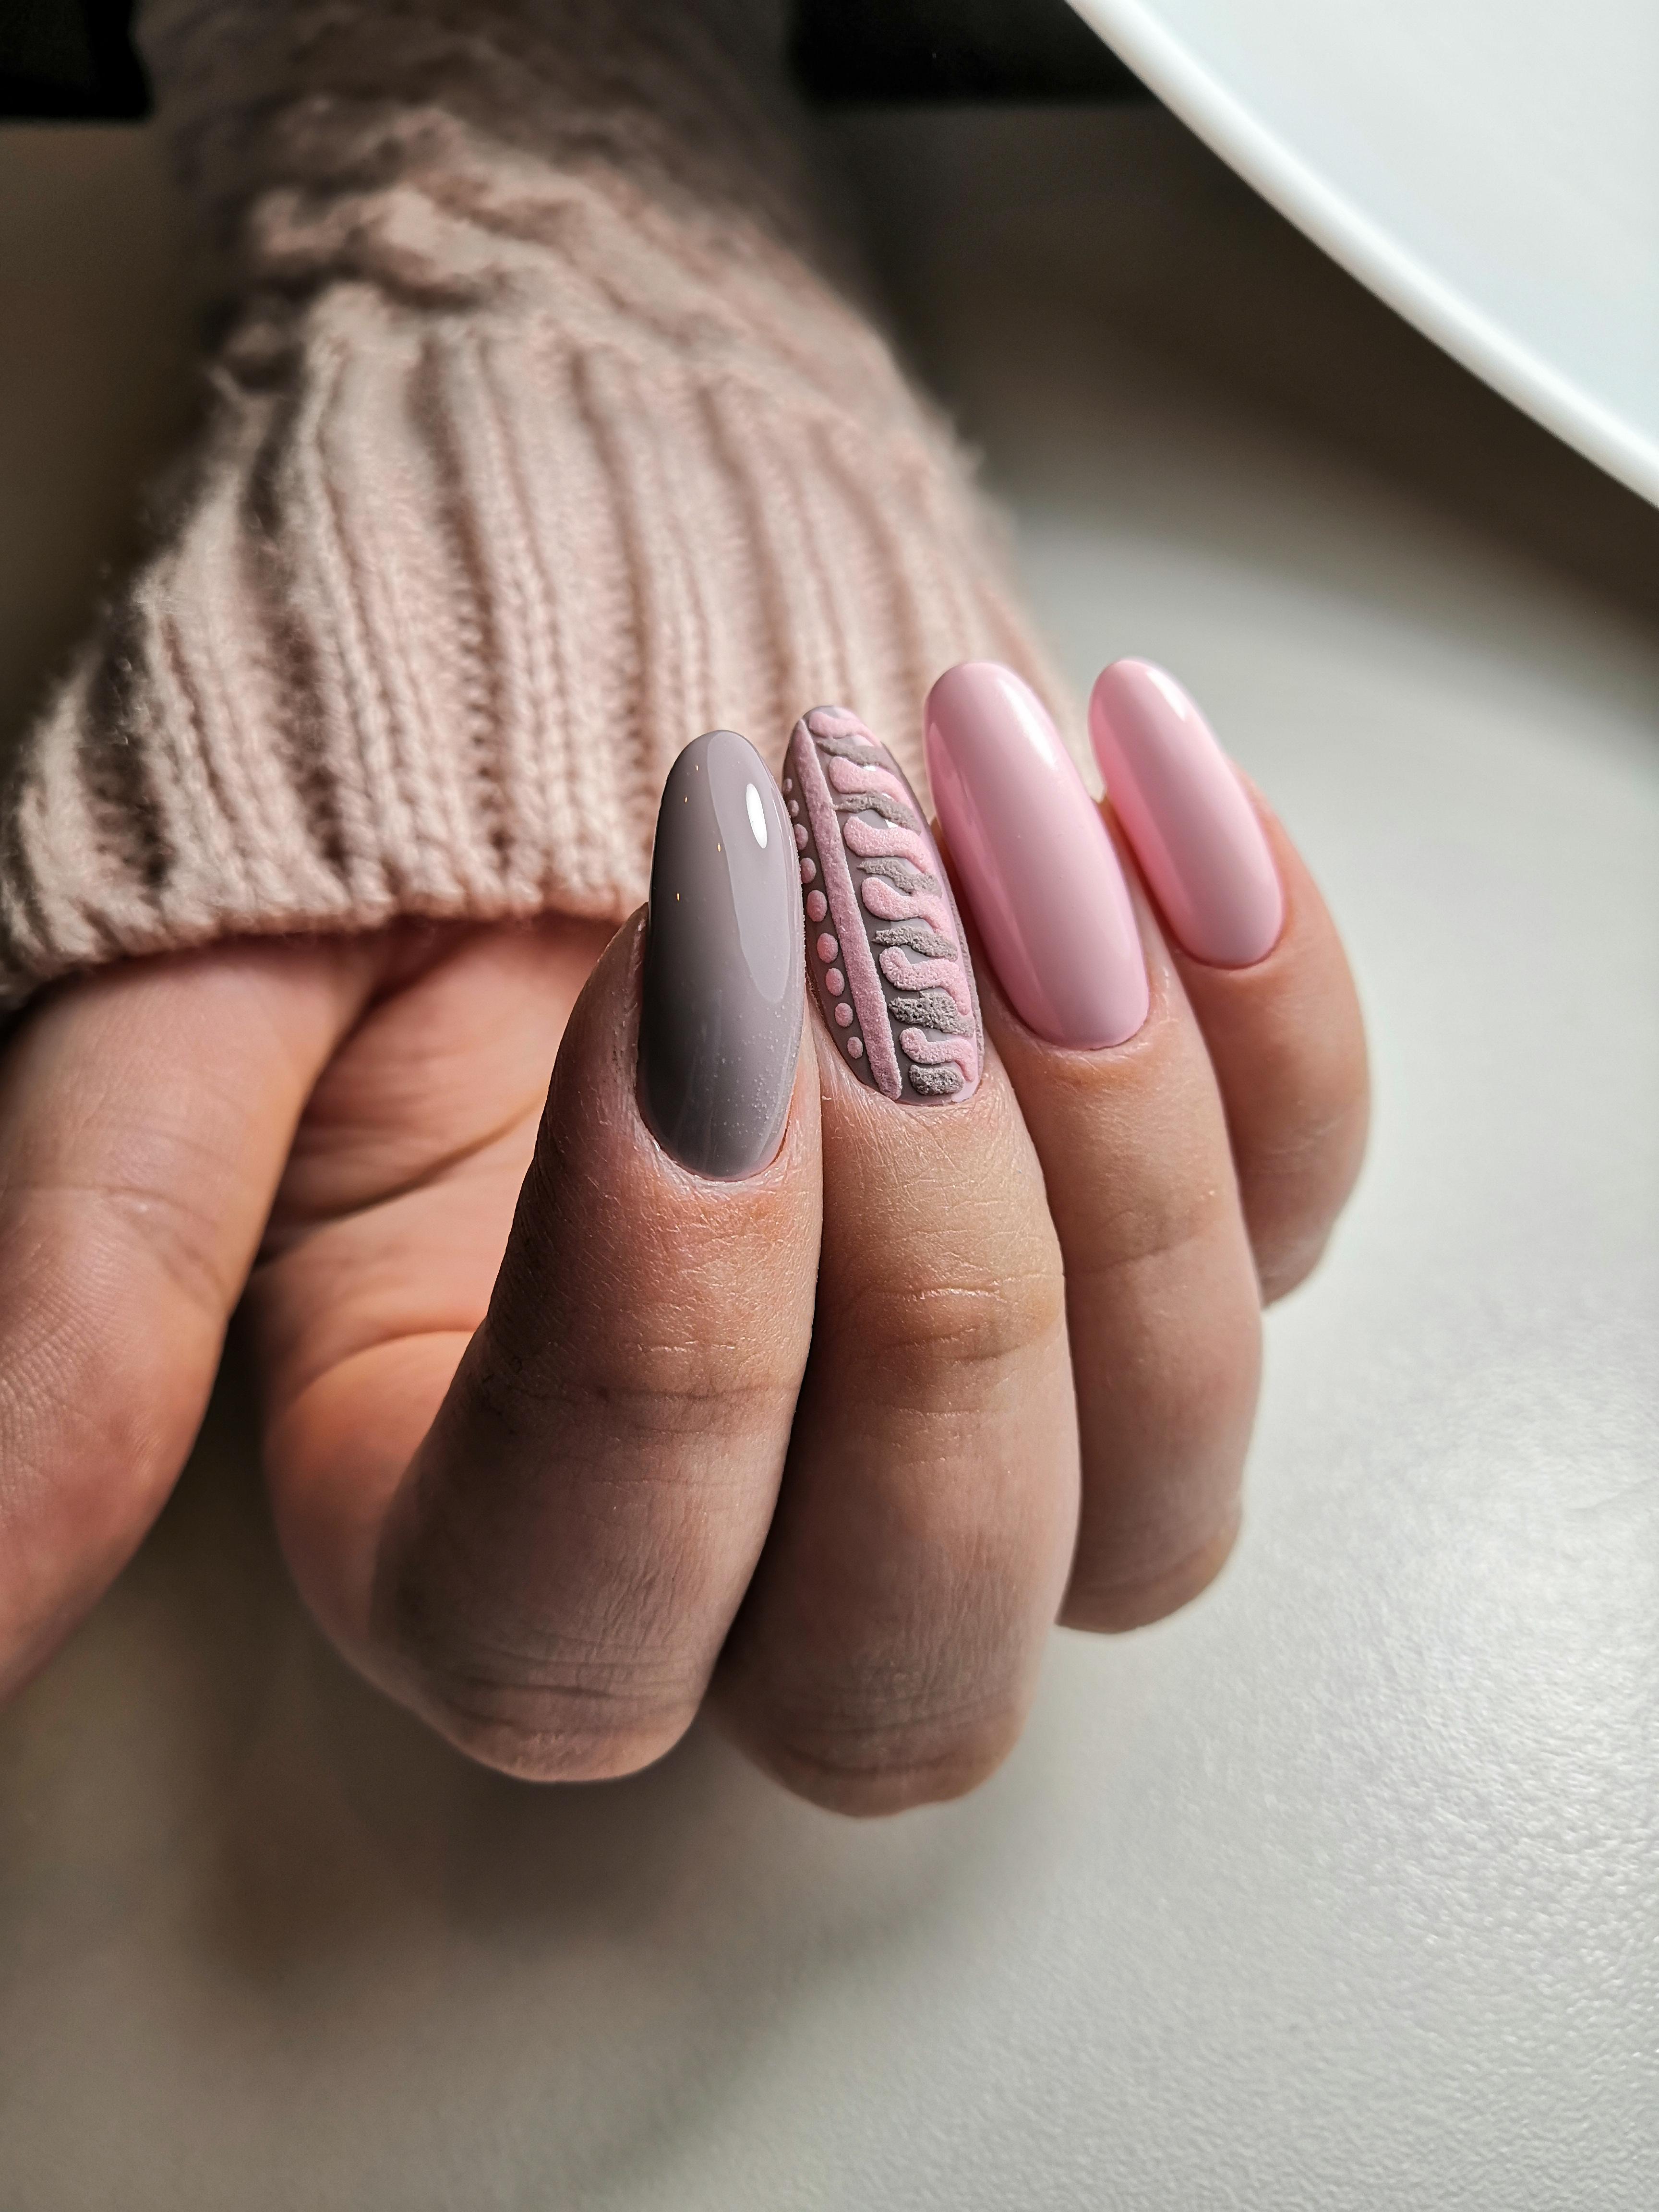 Маникюр с вязаным дизайном в розовом цвете.